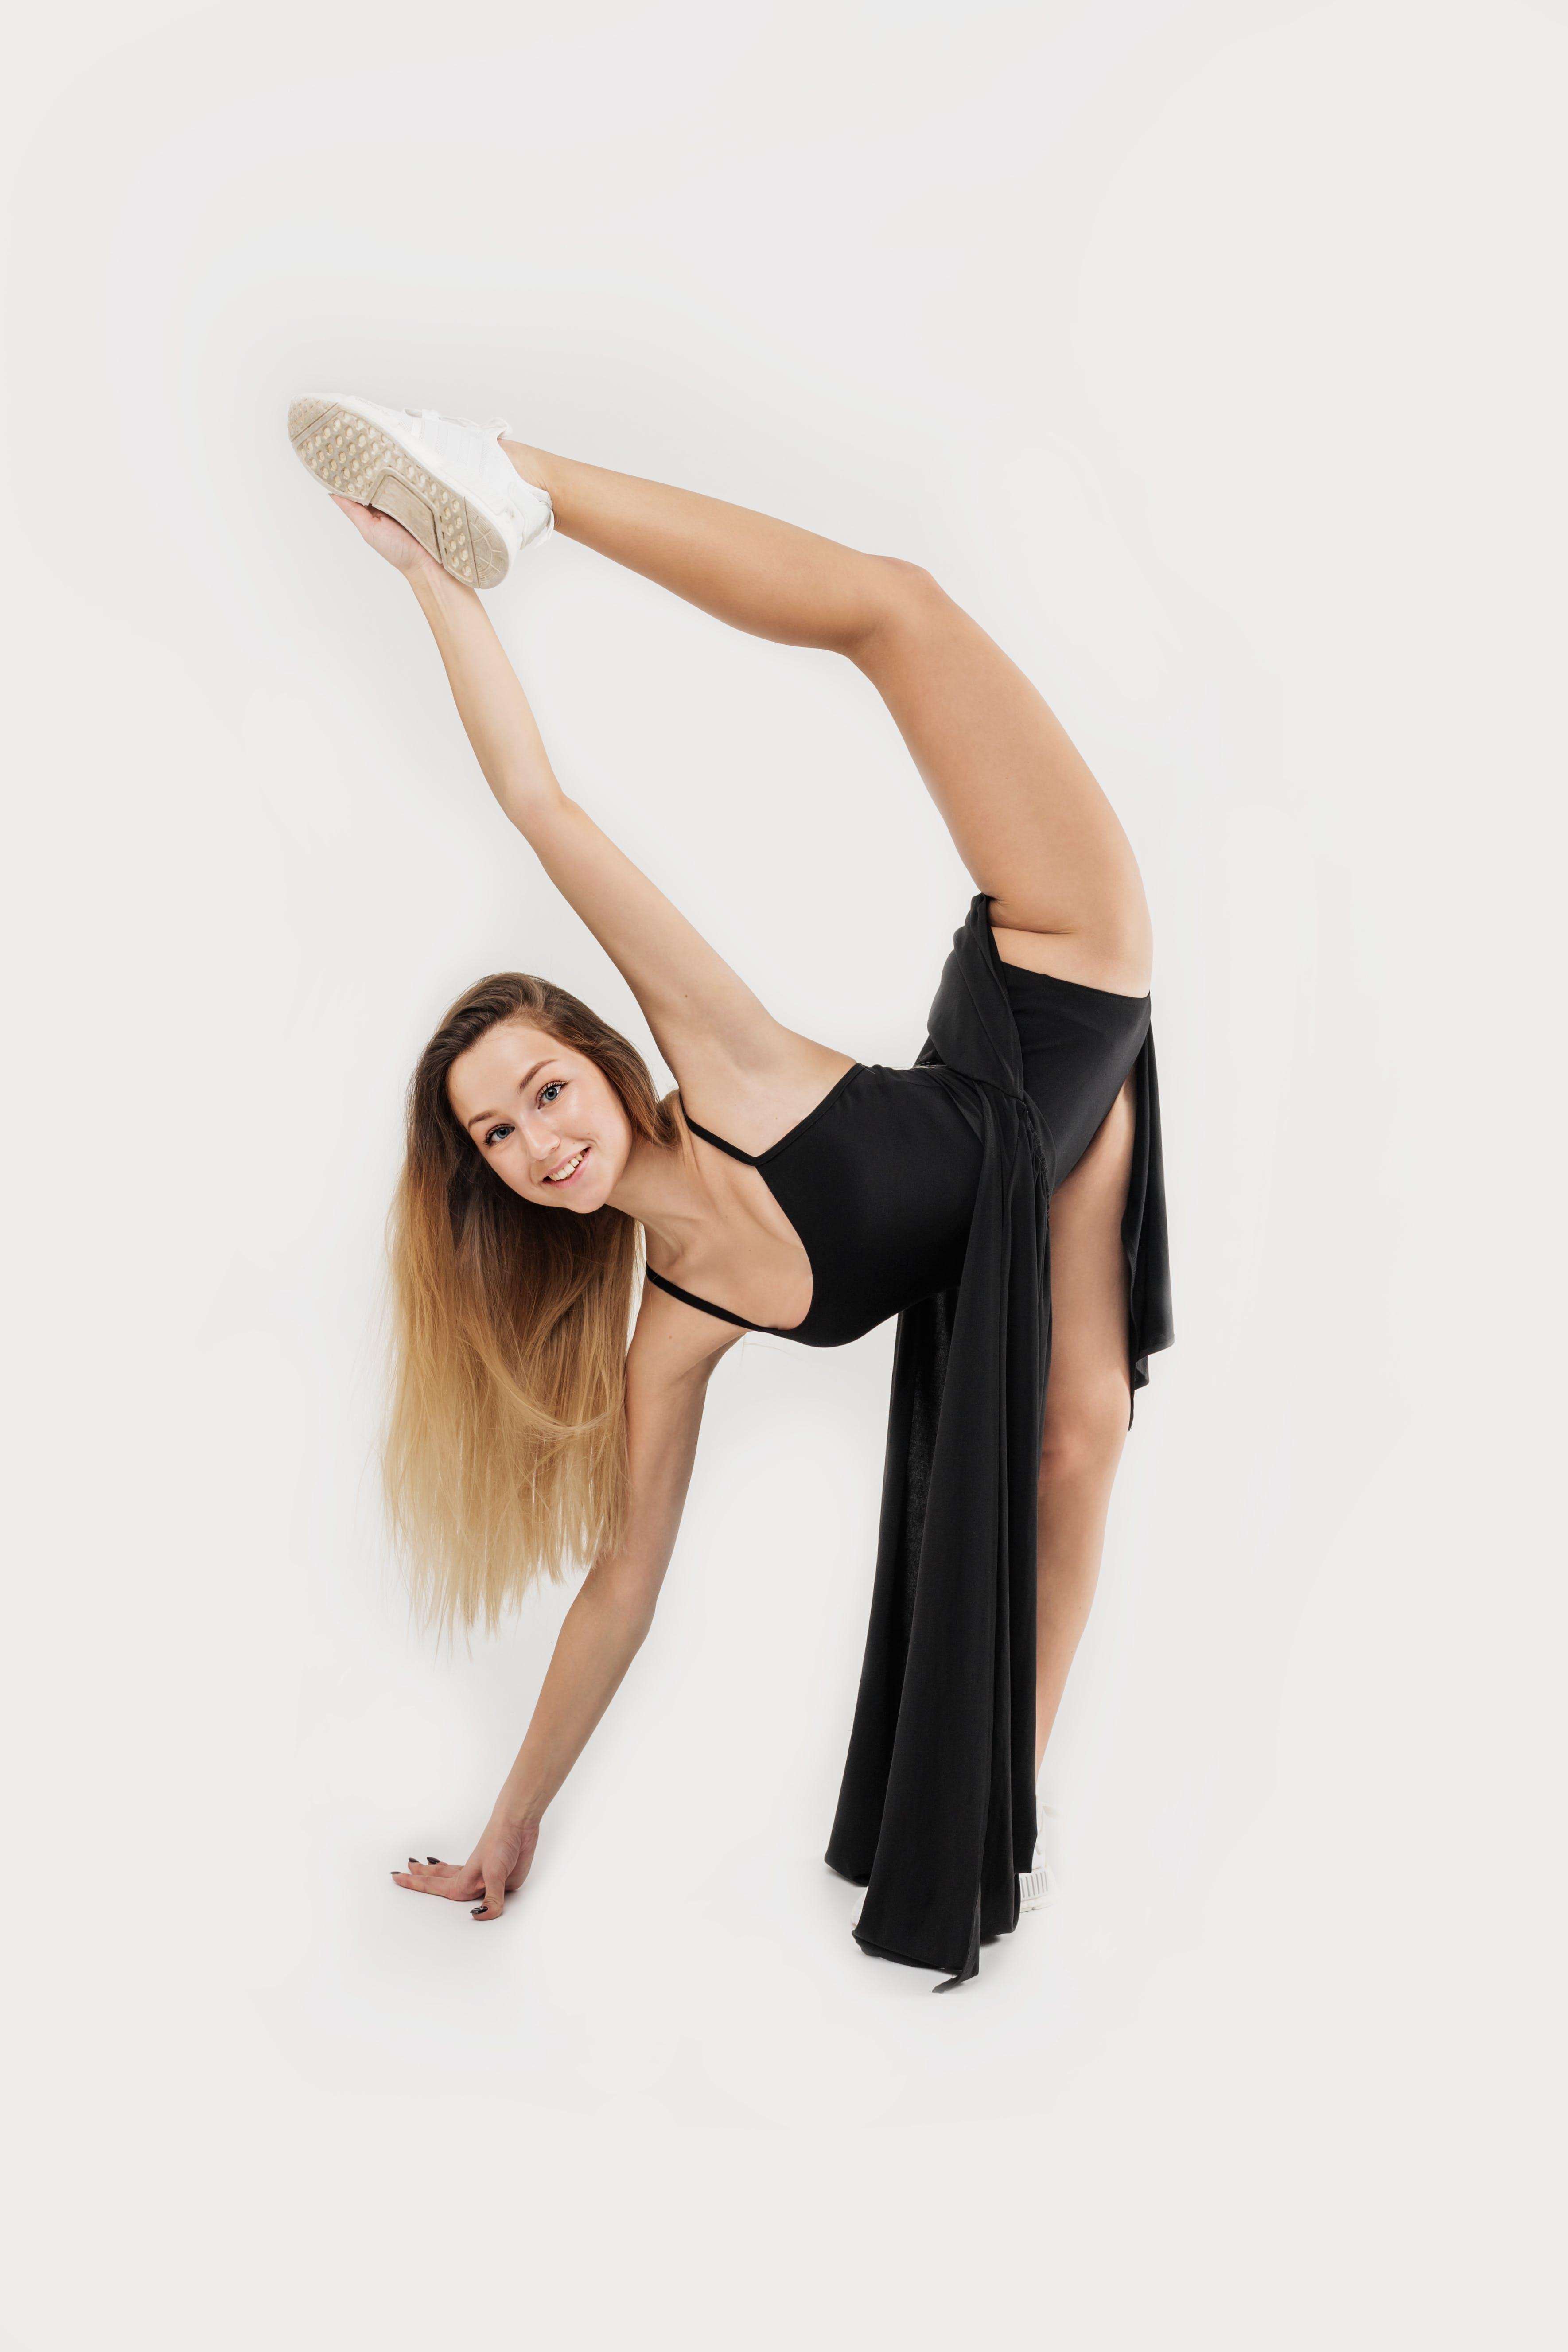 Kostenloses Stock Foto zu aktiv, aktivität, attraktiv, balletttänzer